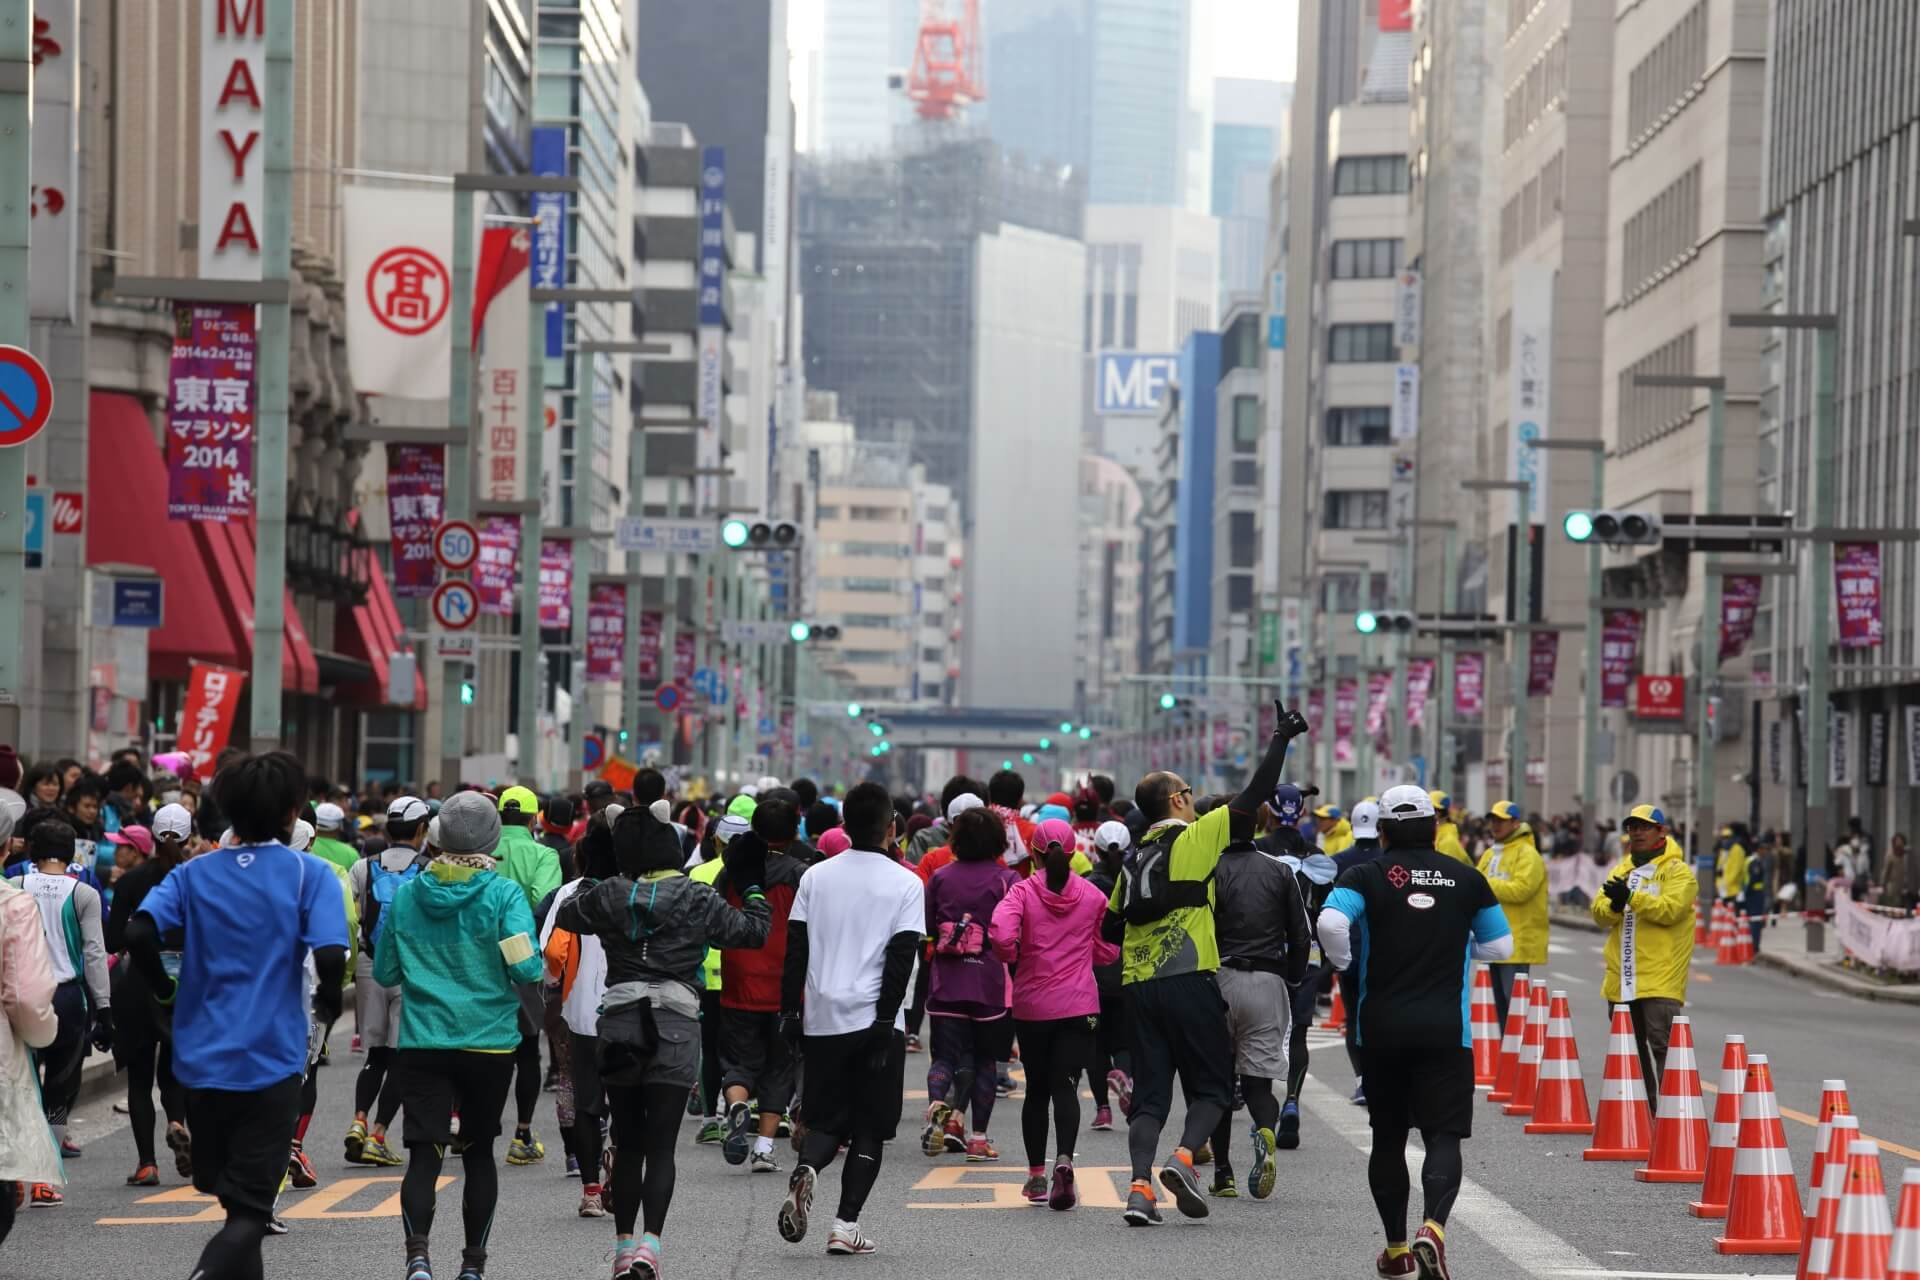 マラソン大会に出場するには事前のエントリーが必須